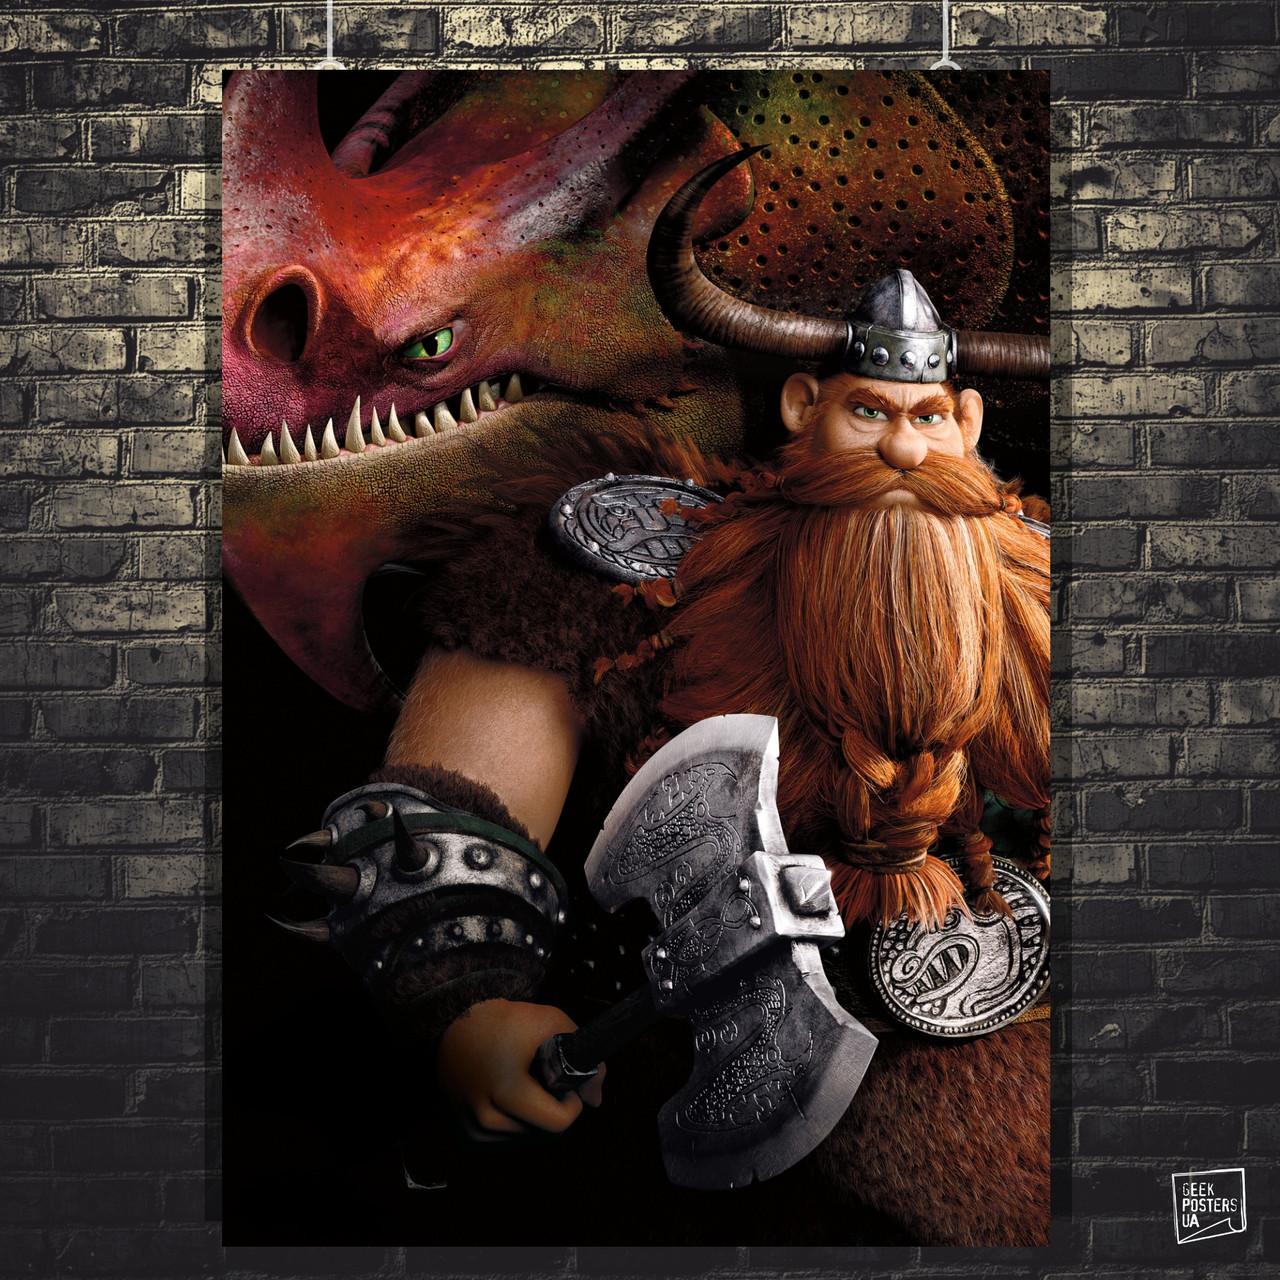 Постер Викинг Стоик Обширный. Как приручить дракона 2, How to Train Your Dragon 2. Размер 60x41см (A2). Глянцевая бумага